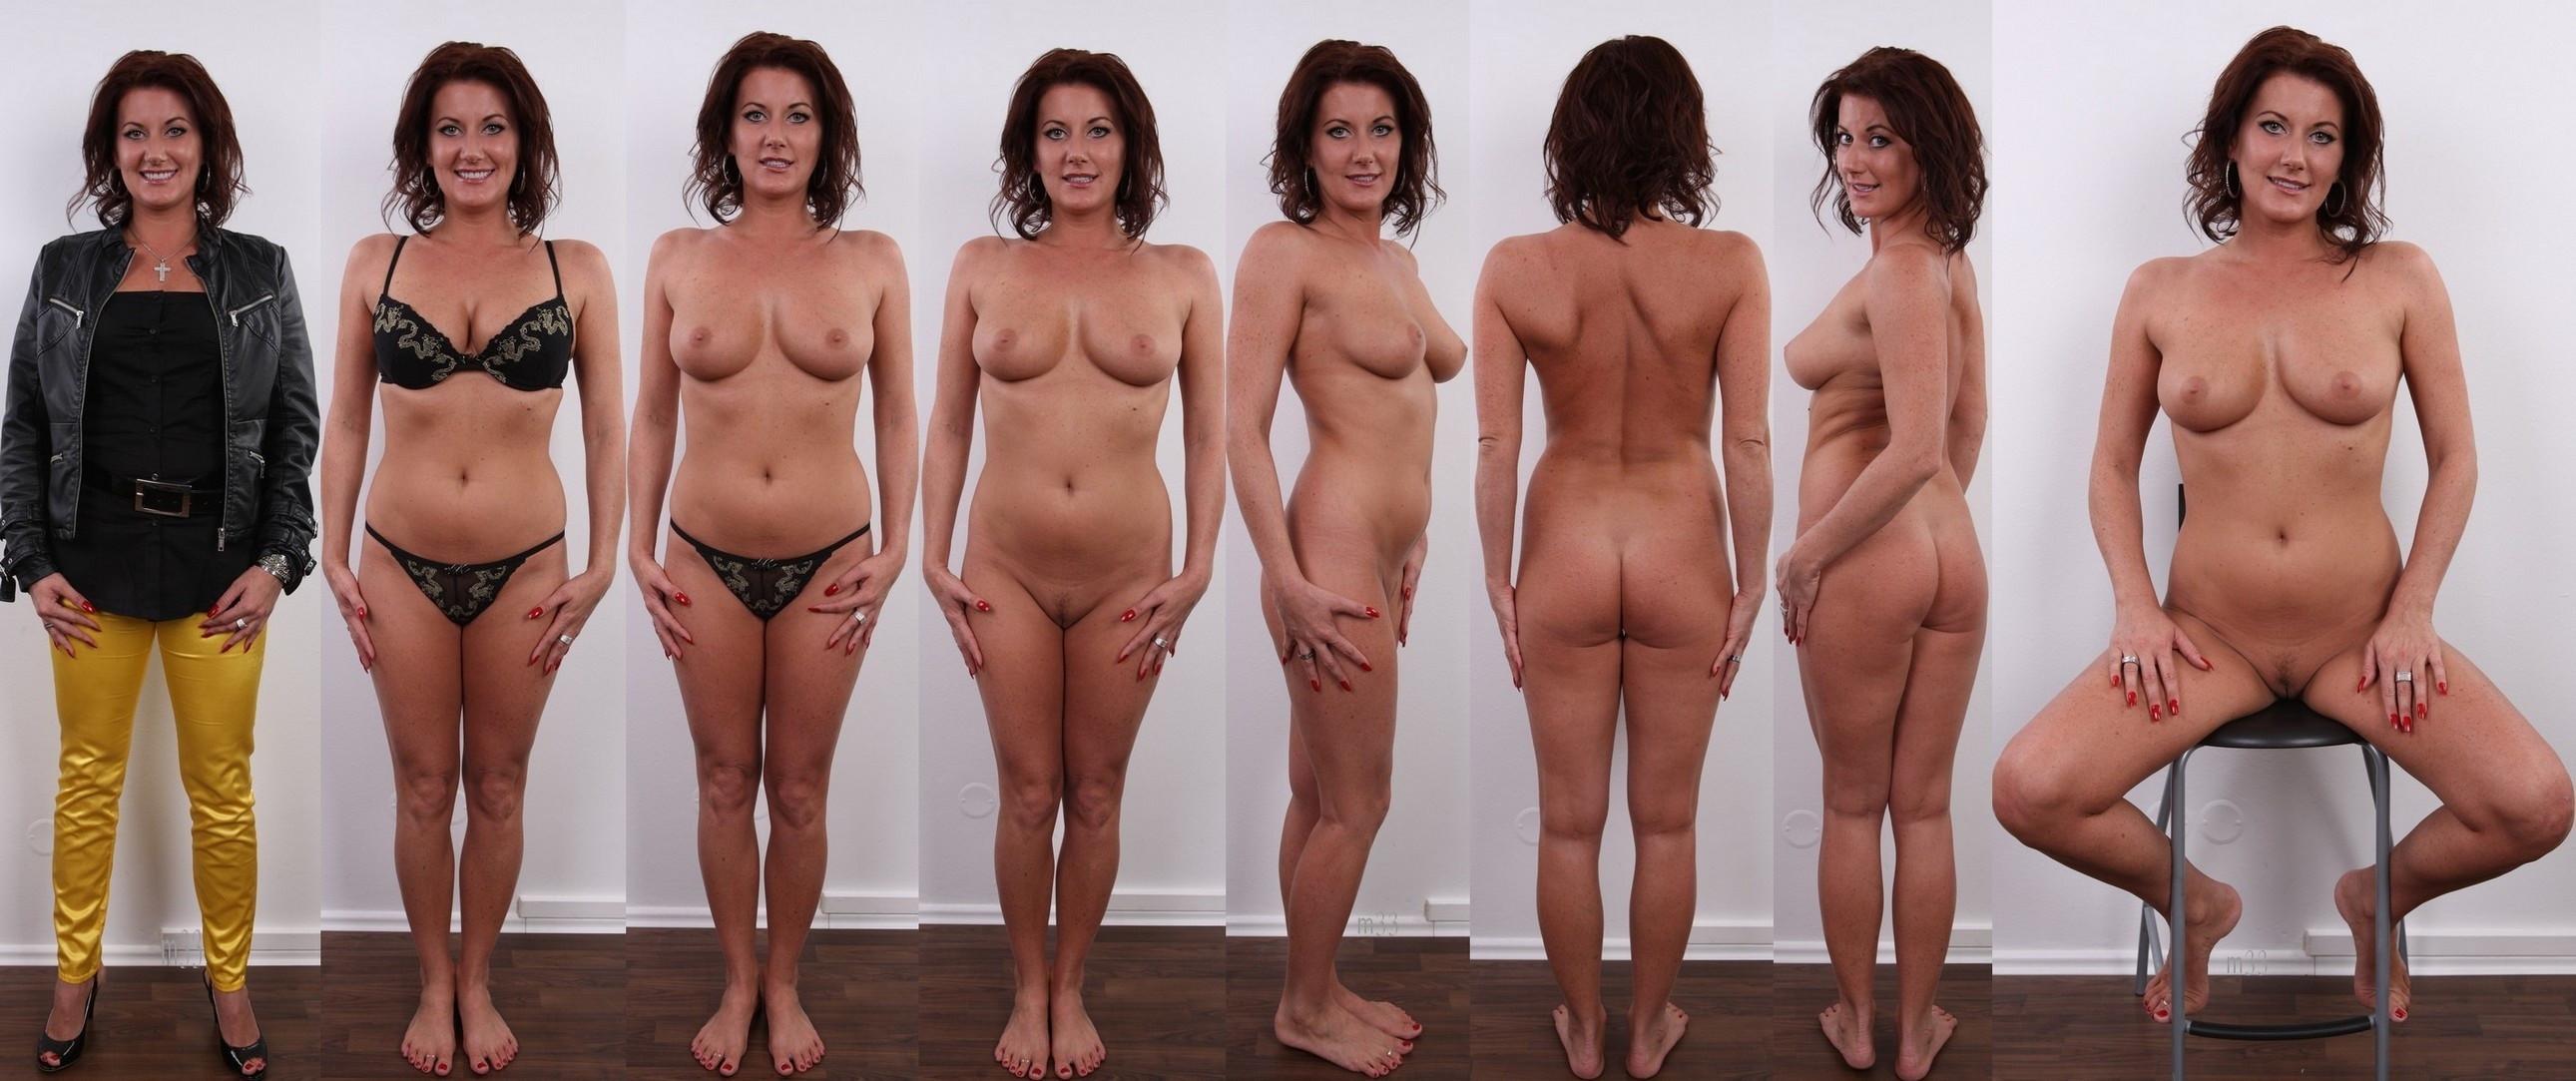 Nude web movie